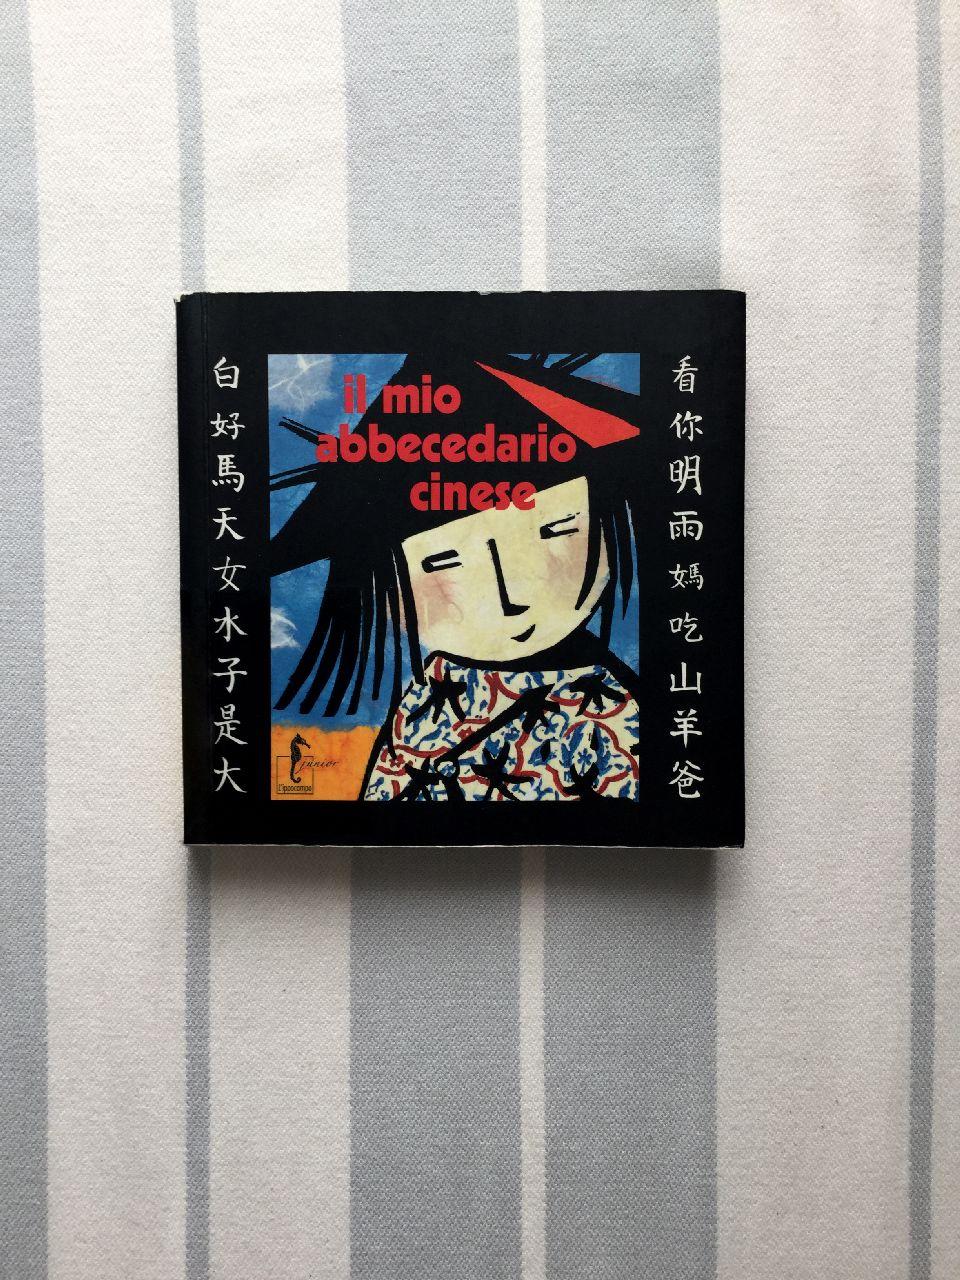 Catherine Louis - Shi Bo, Il mio abbecedario cinese, L'ippocampo